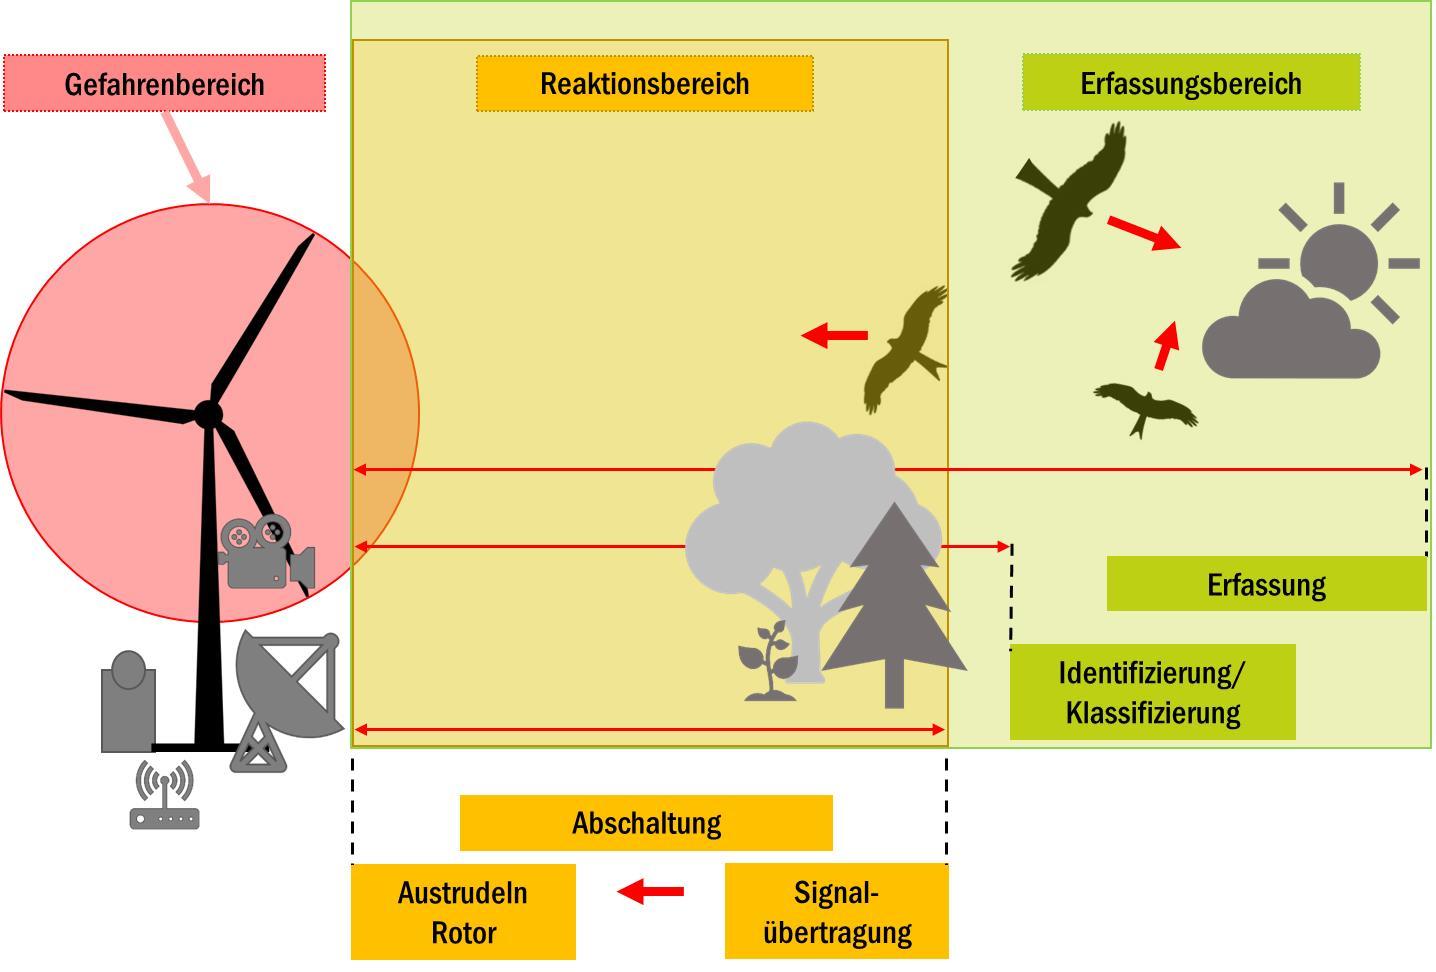 Schritte der technischen Detektion und Betriebsregulierung einer Windenergieanlage